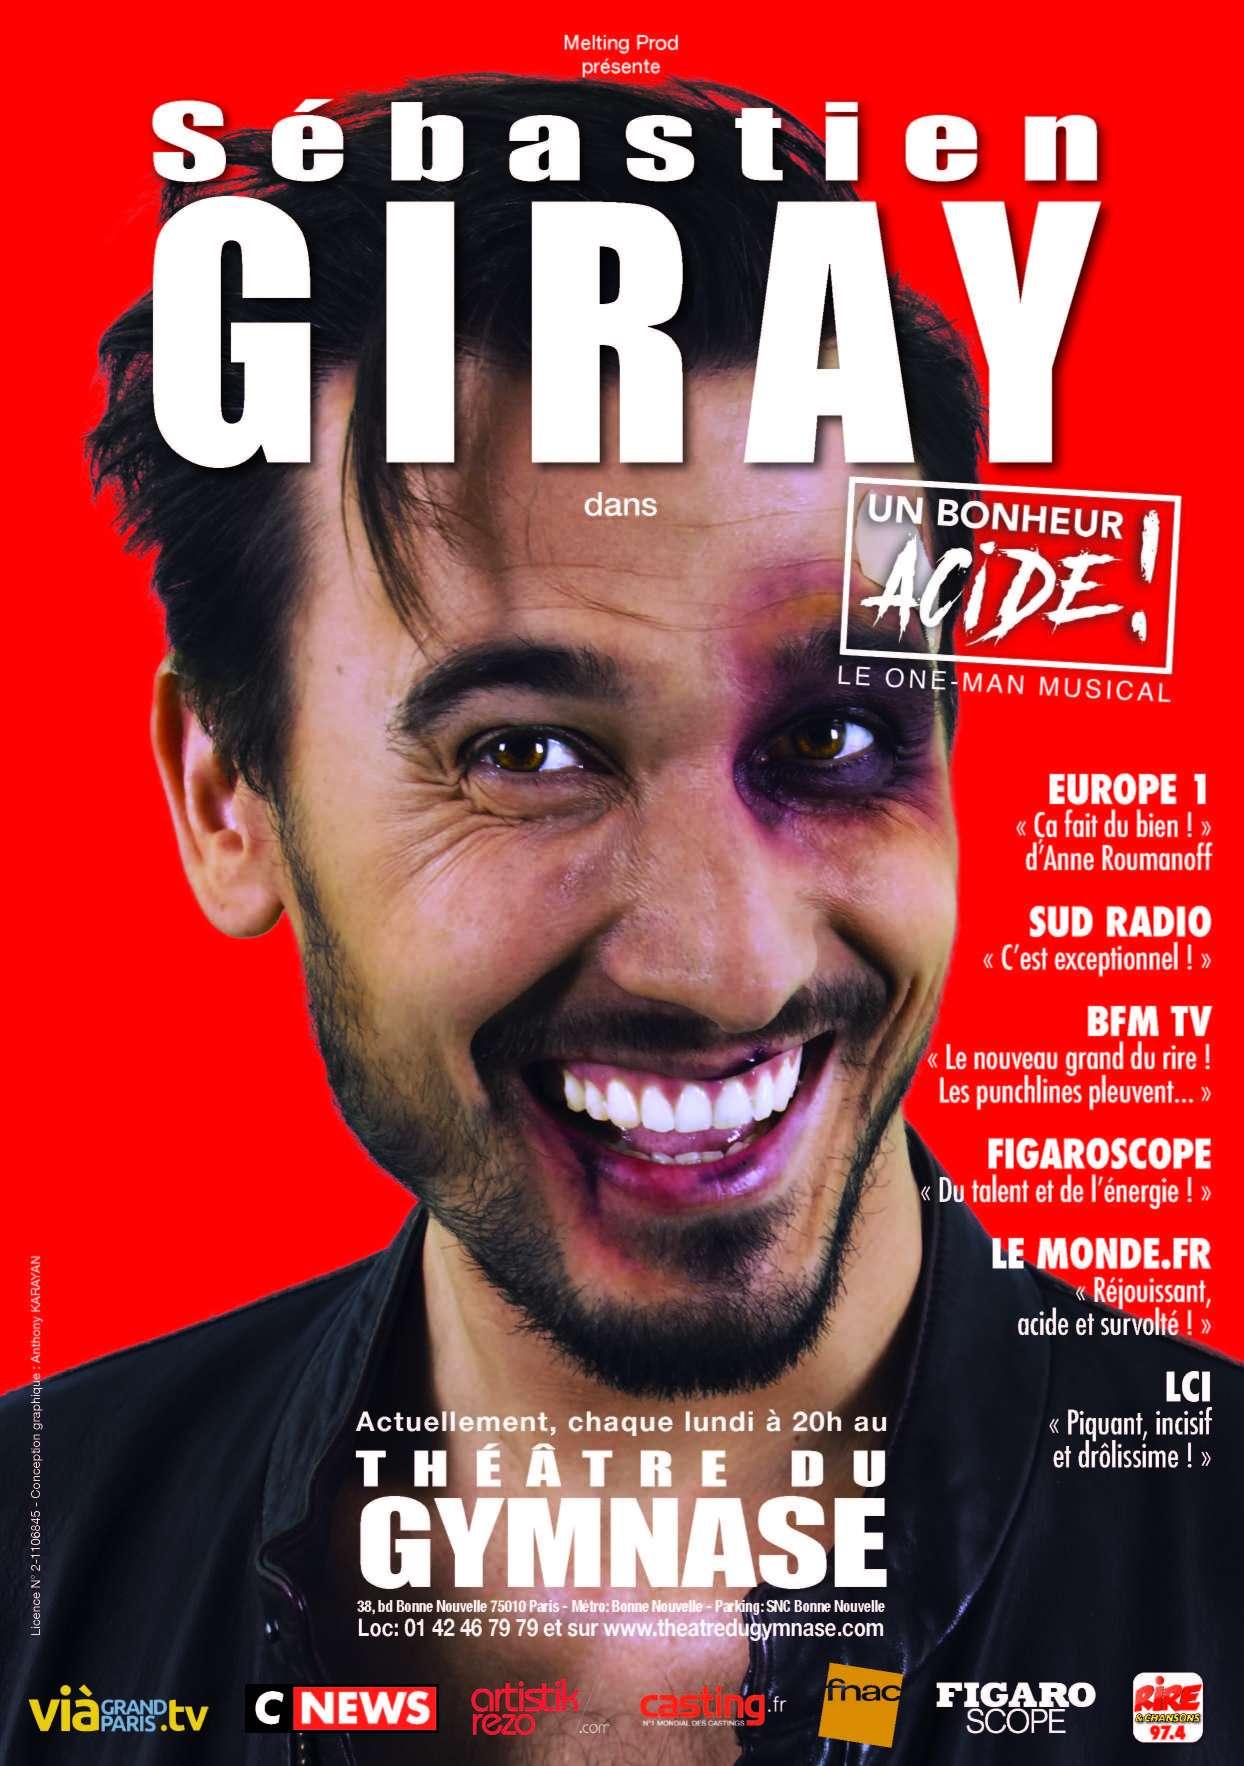 Ne manquez pas ce spectacle ébouriffant et drôle qui tourne en région parisienne et en province!